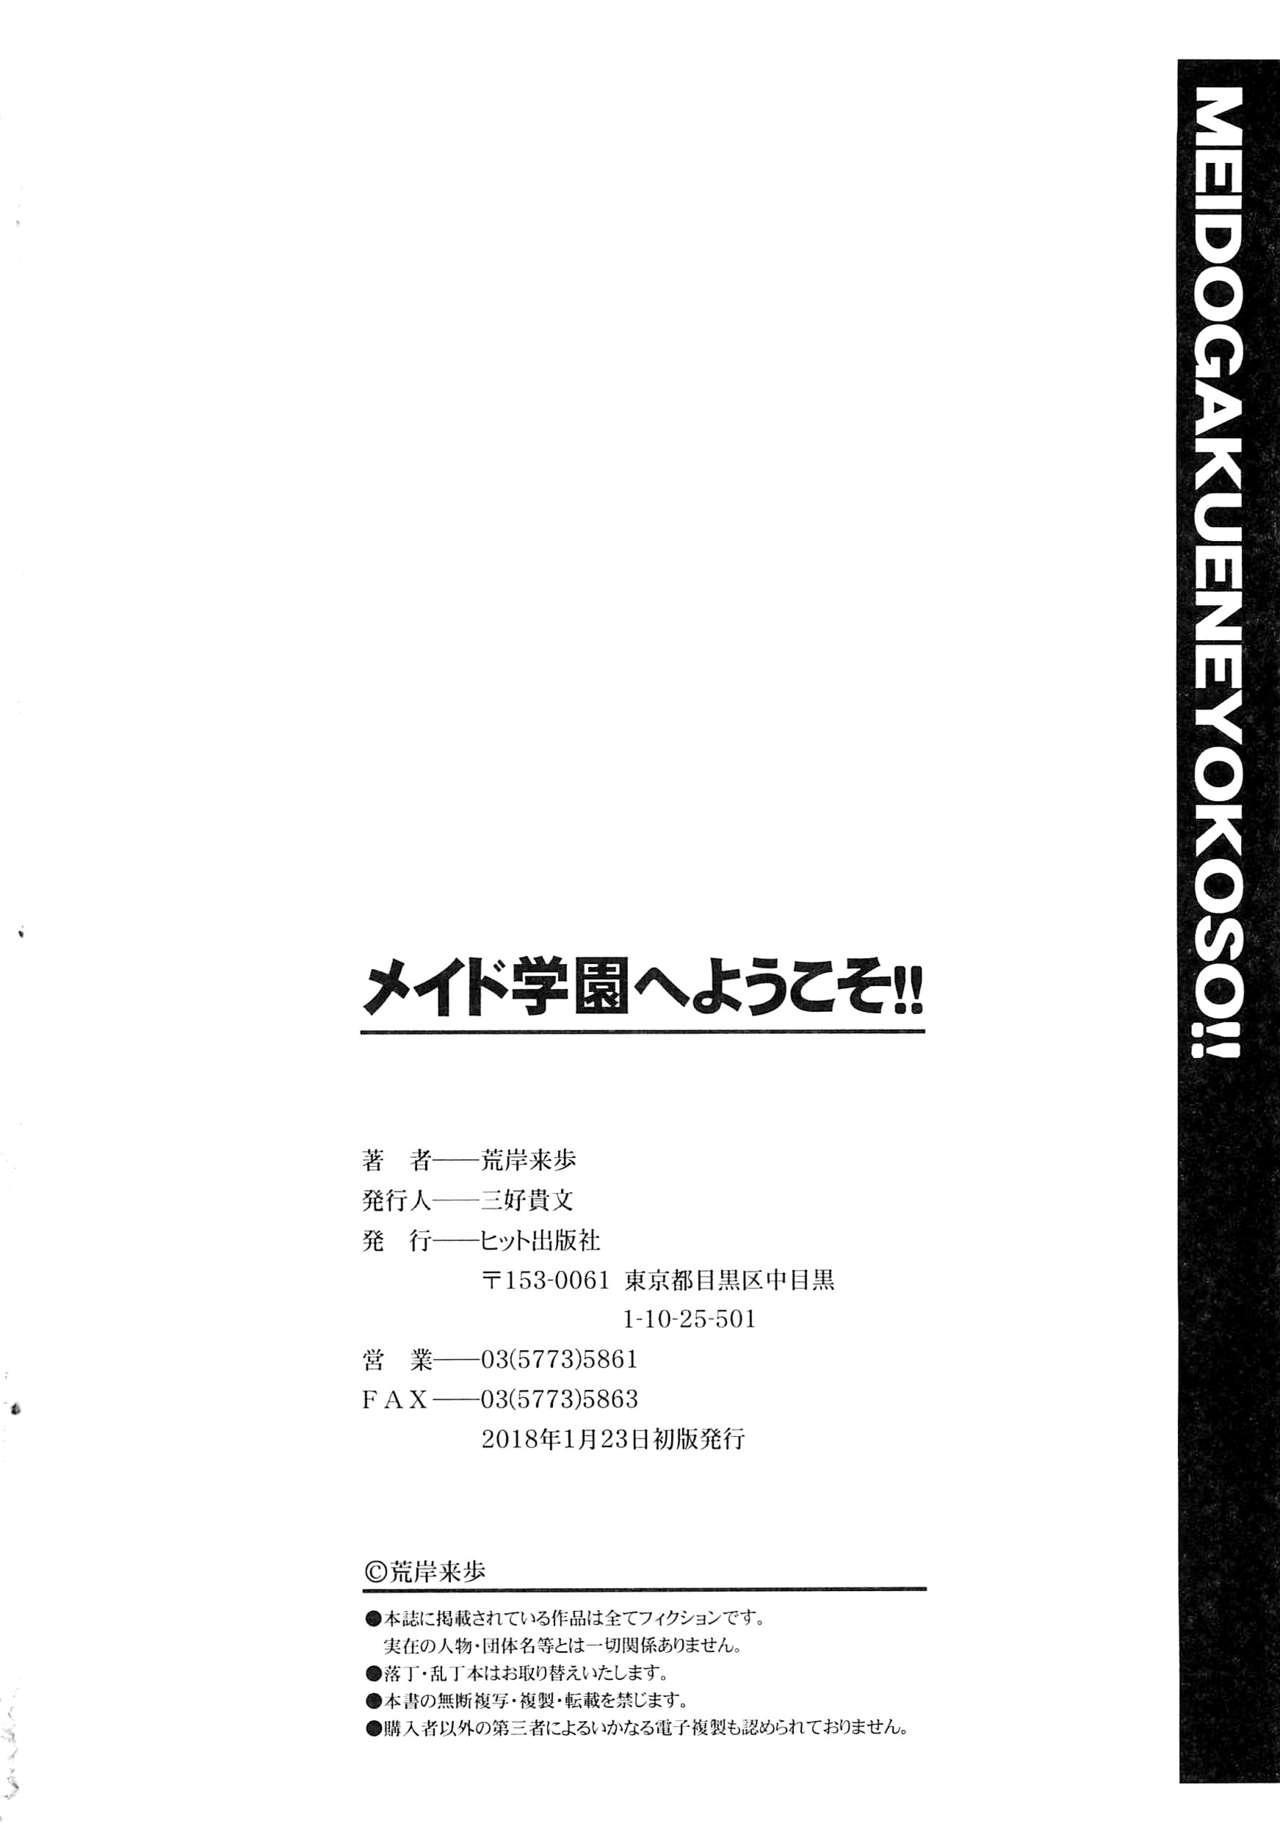 Maid Gakuen e Youkoso!! - Welcome to Maid Academy 203